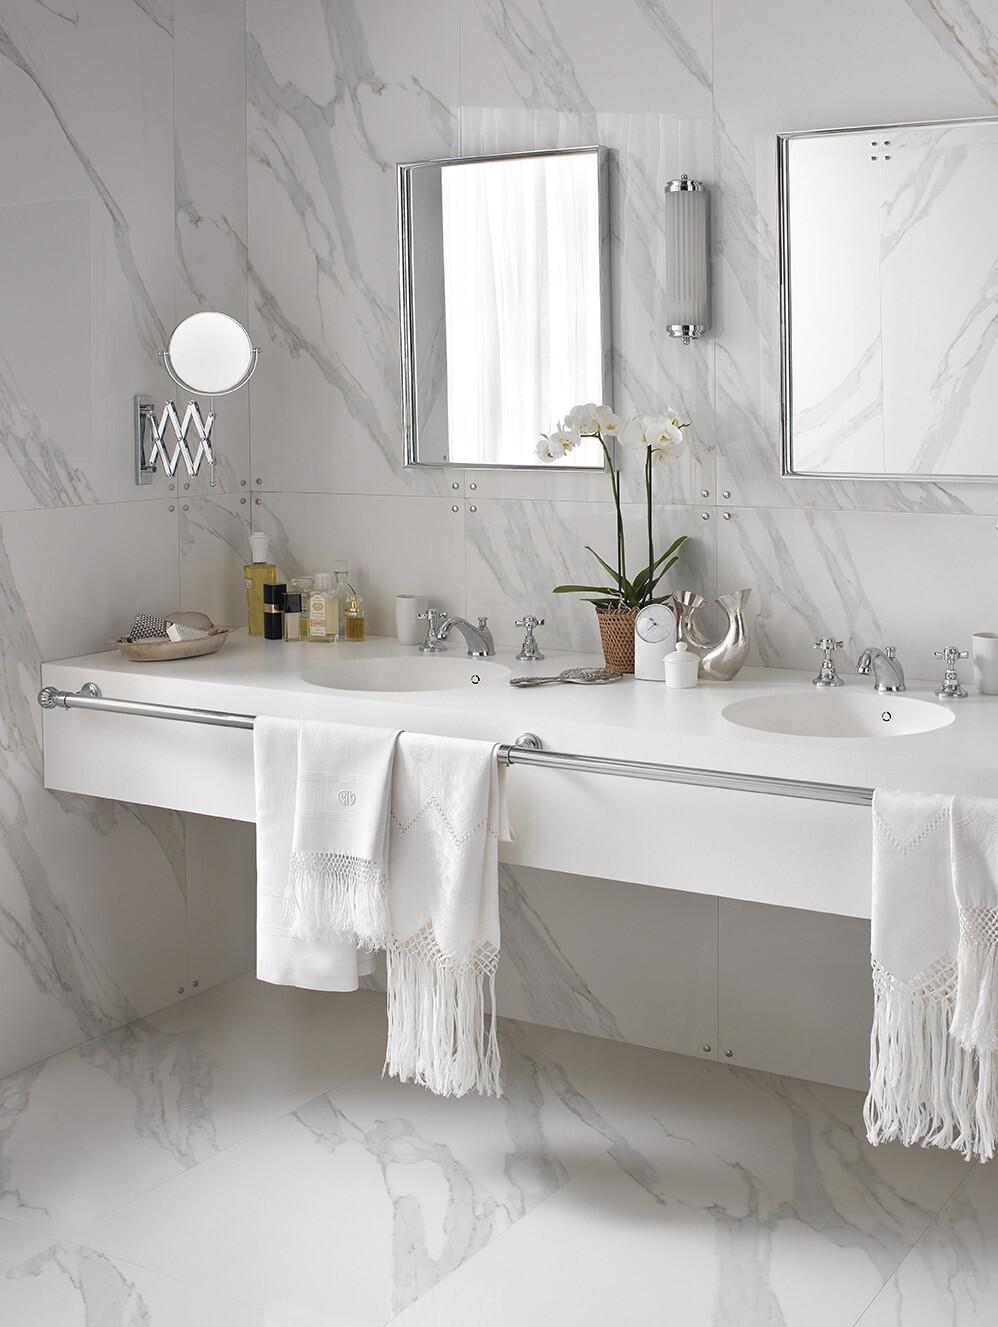 The Collection Of Dupont Corian Bathroom Basins Por Corian Design Medios De Comunicacion Fotos Y Videos 3 Archello